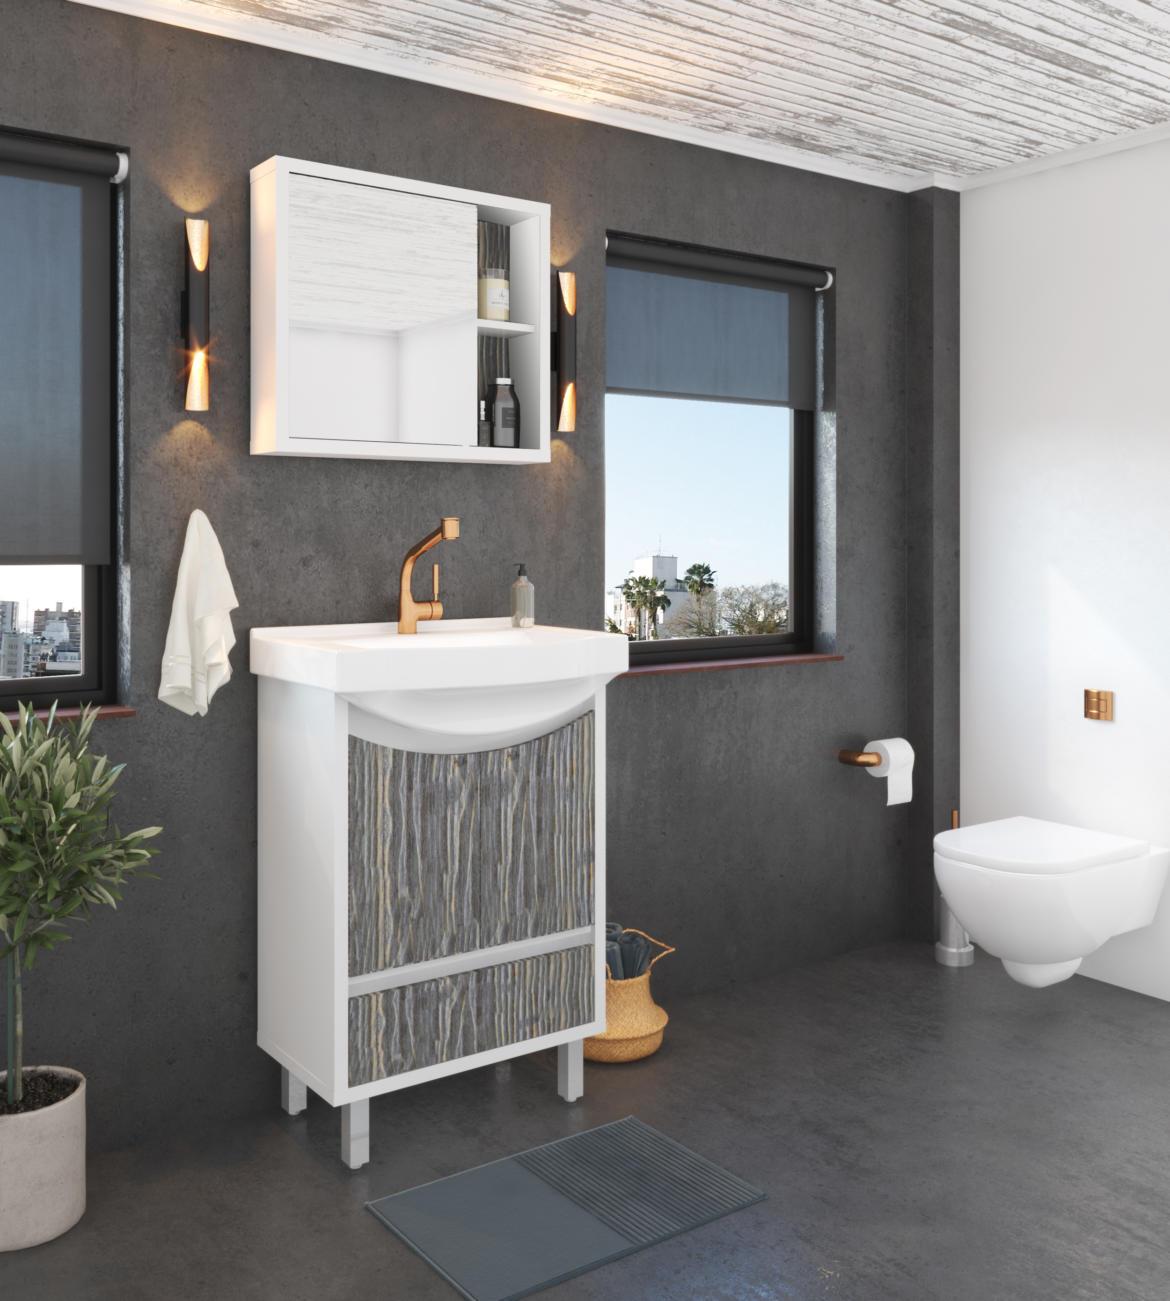 Gabinete Gaam seu estilo de banheiro com arandelas de iluminação